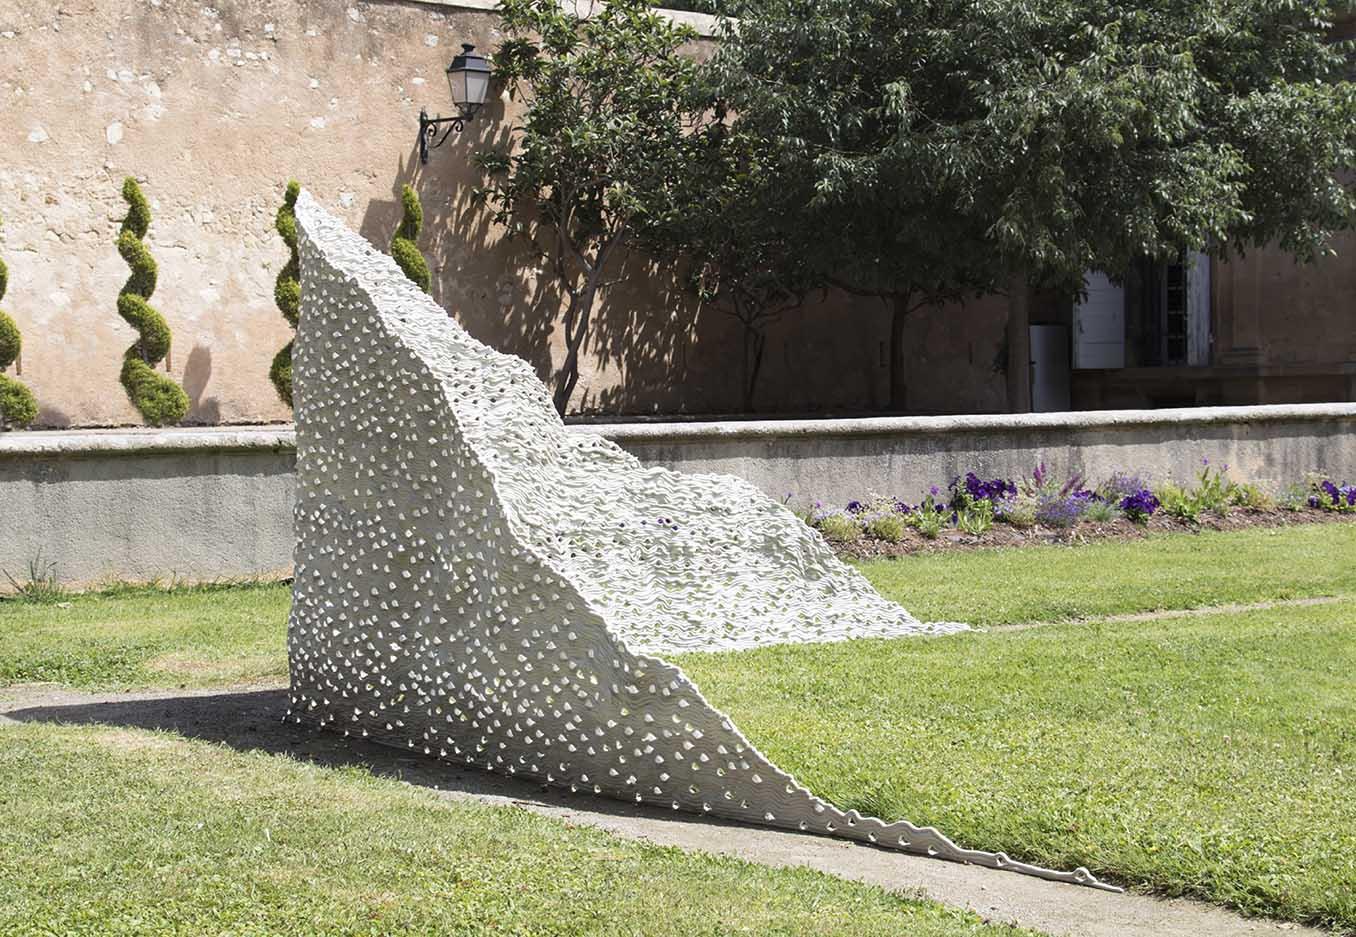 15-gourmandise-hugo-bel-artiste-sculpteur